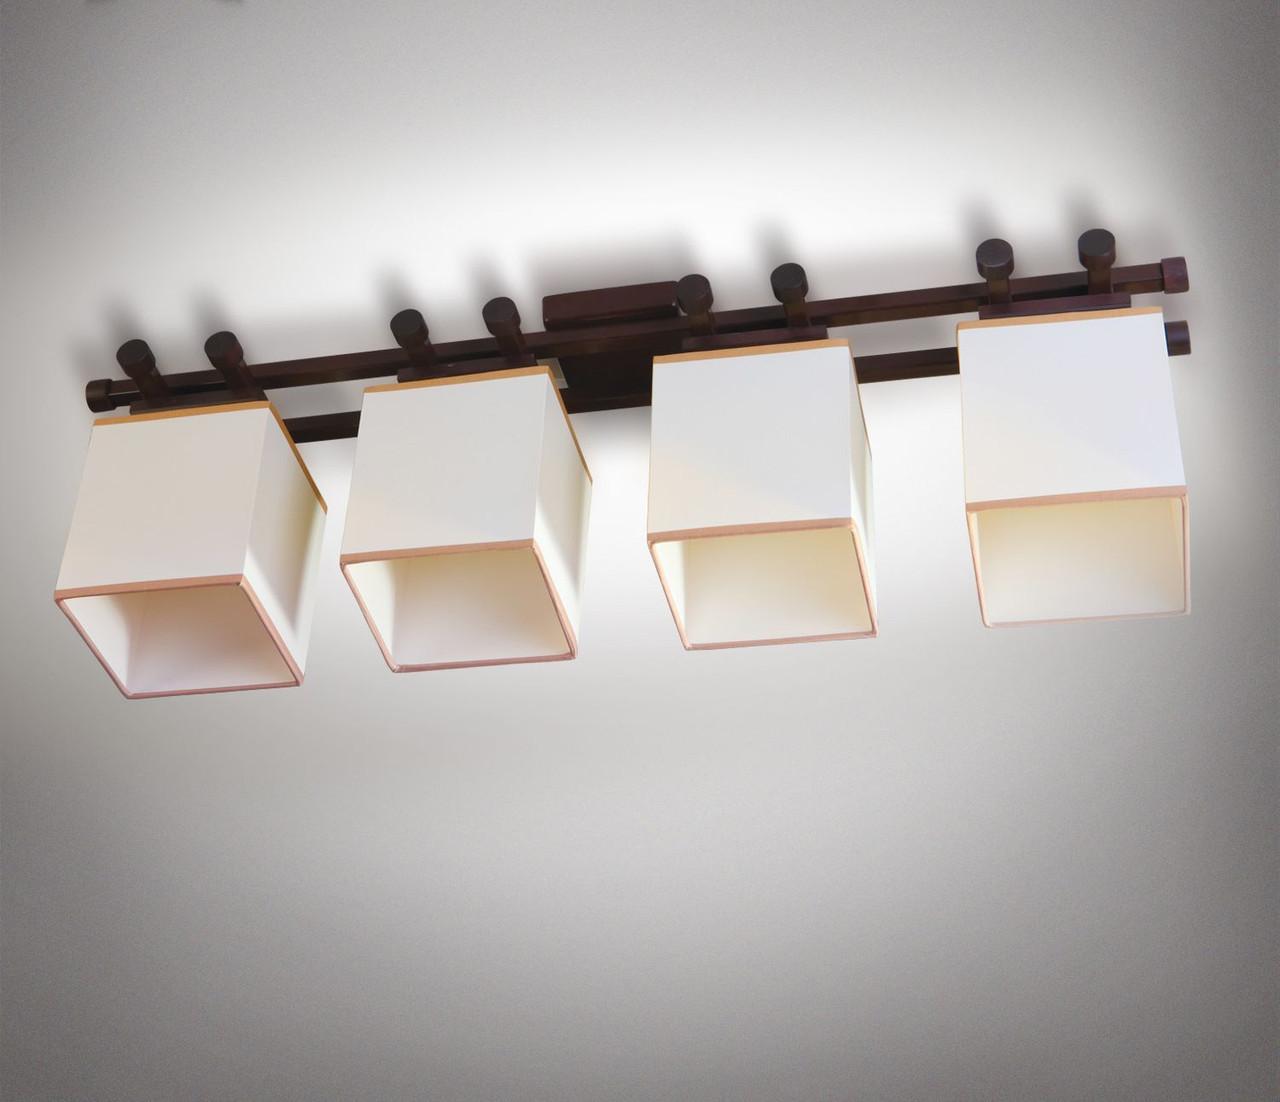 Люстра 4-х ламповая, металлическая, с деревом, спальня, зал, гостиная 14904-1